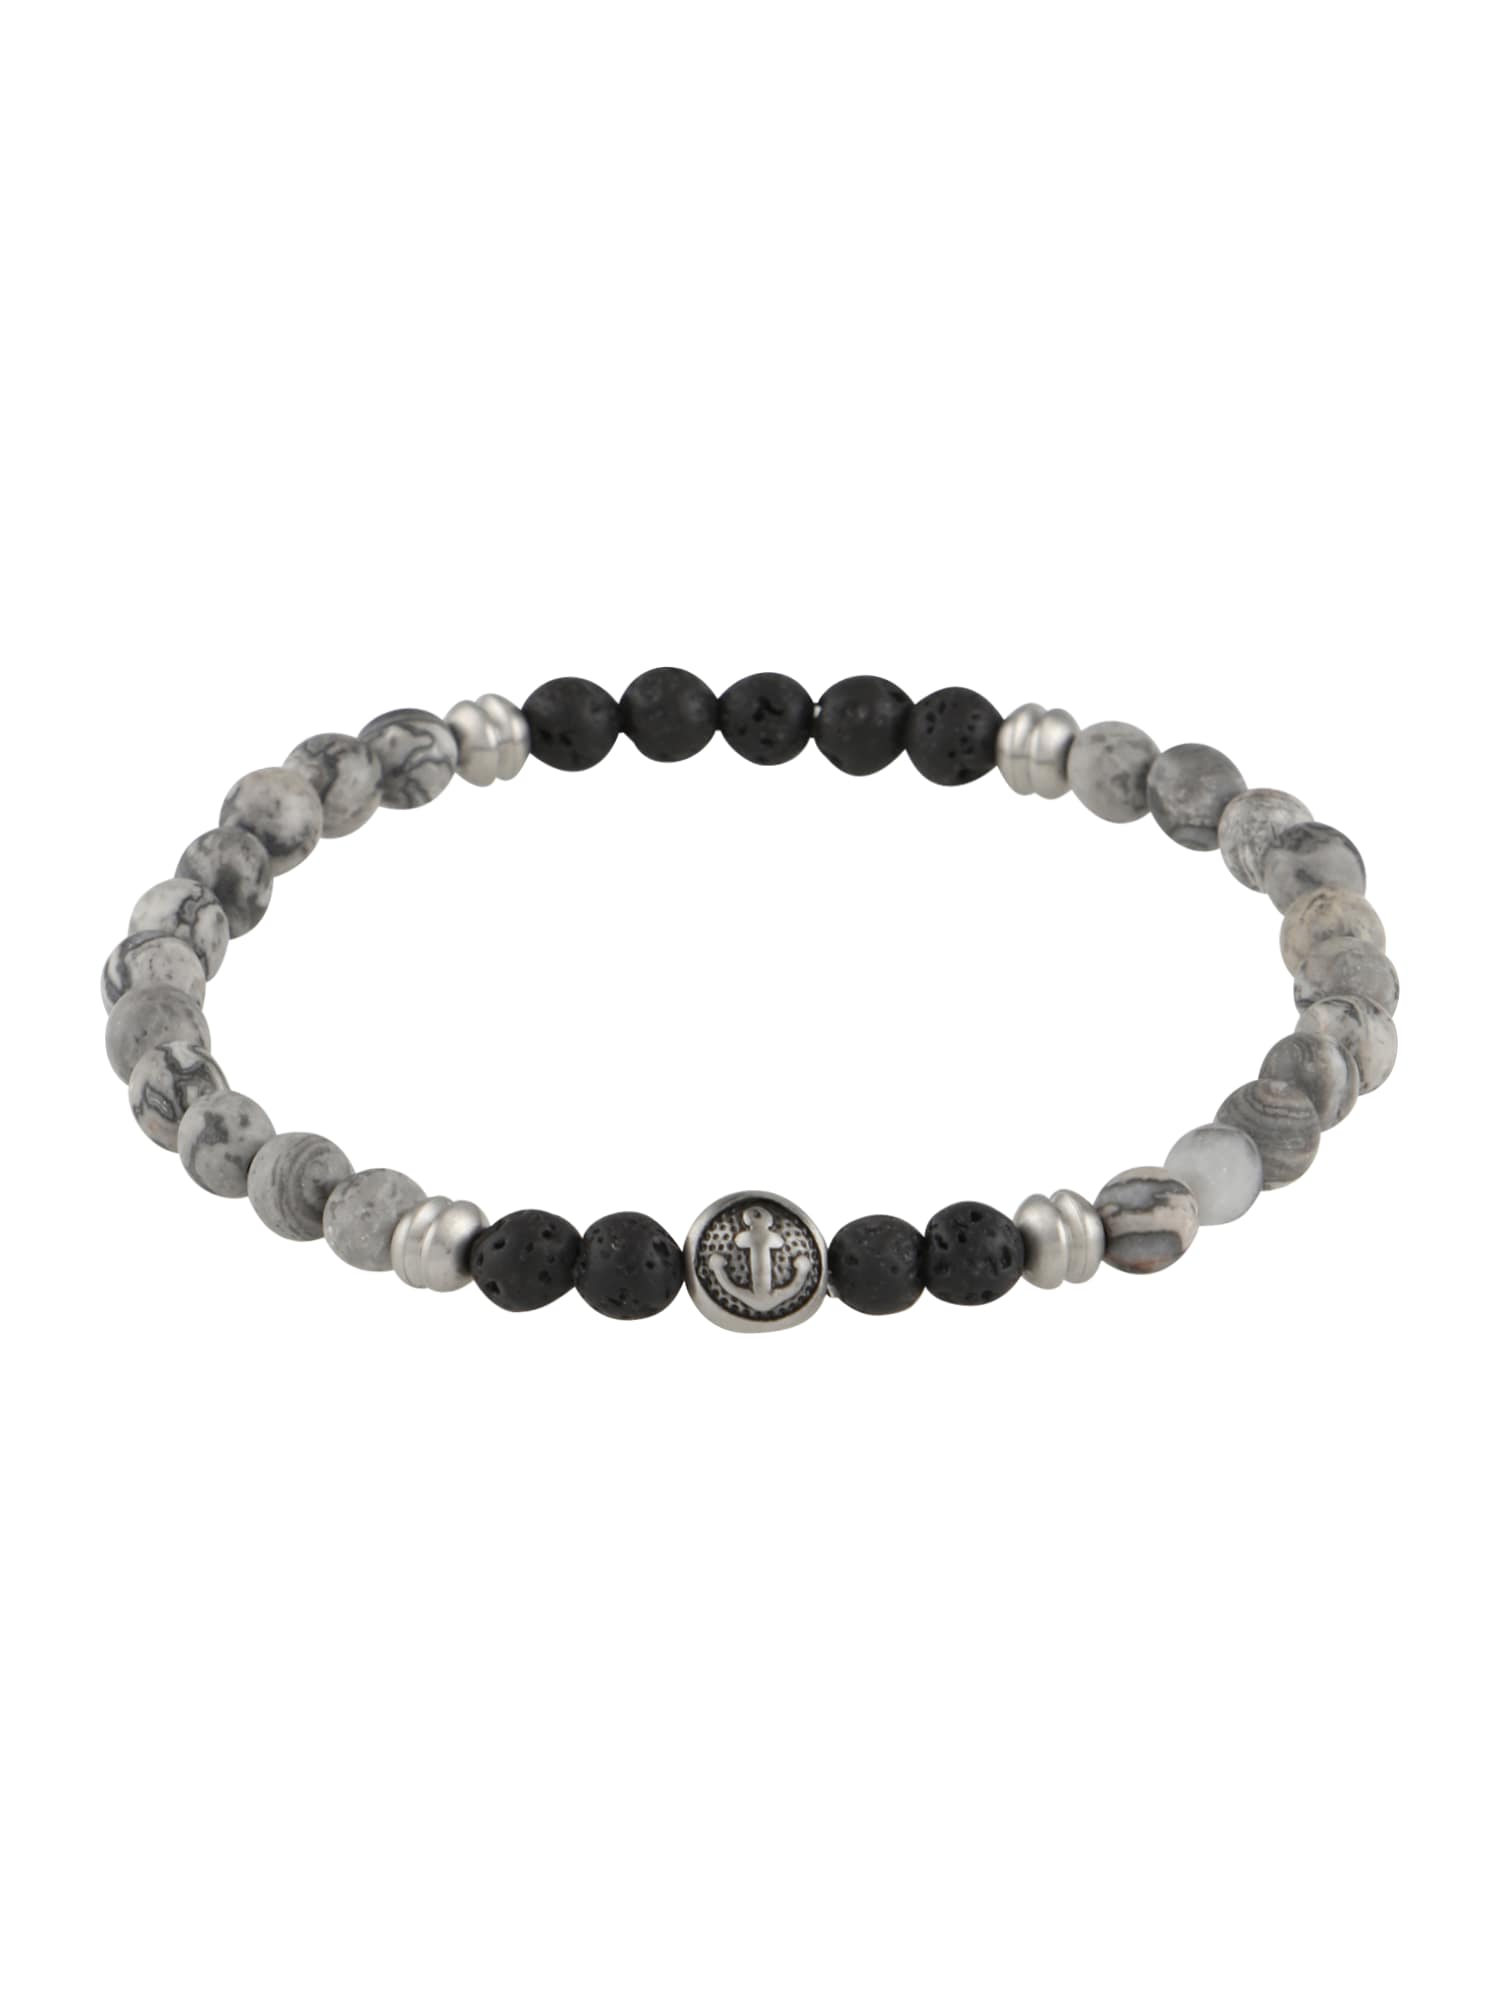 Náramek Bracelet šedá černá ROYAL-EGO